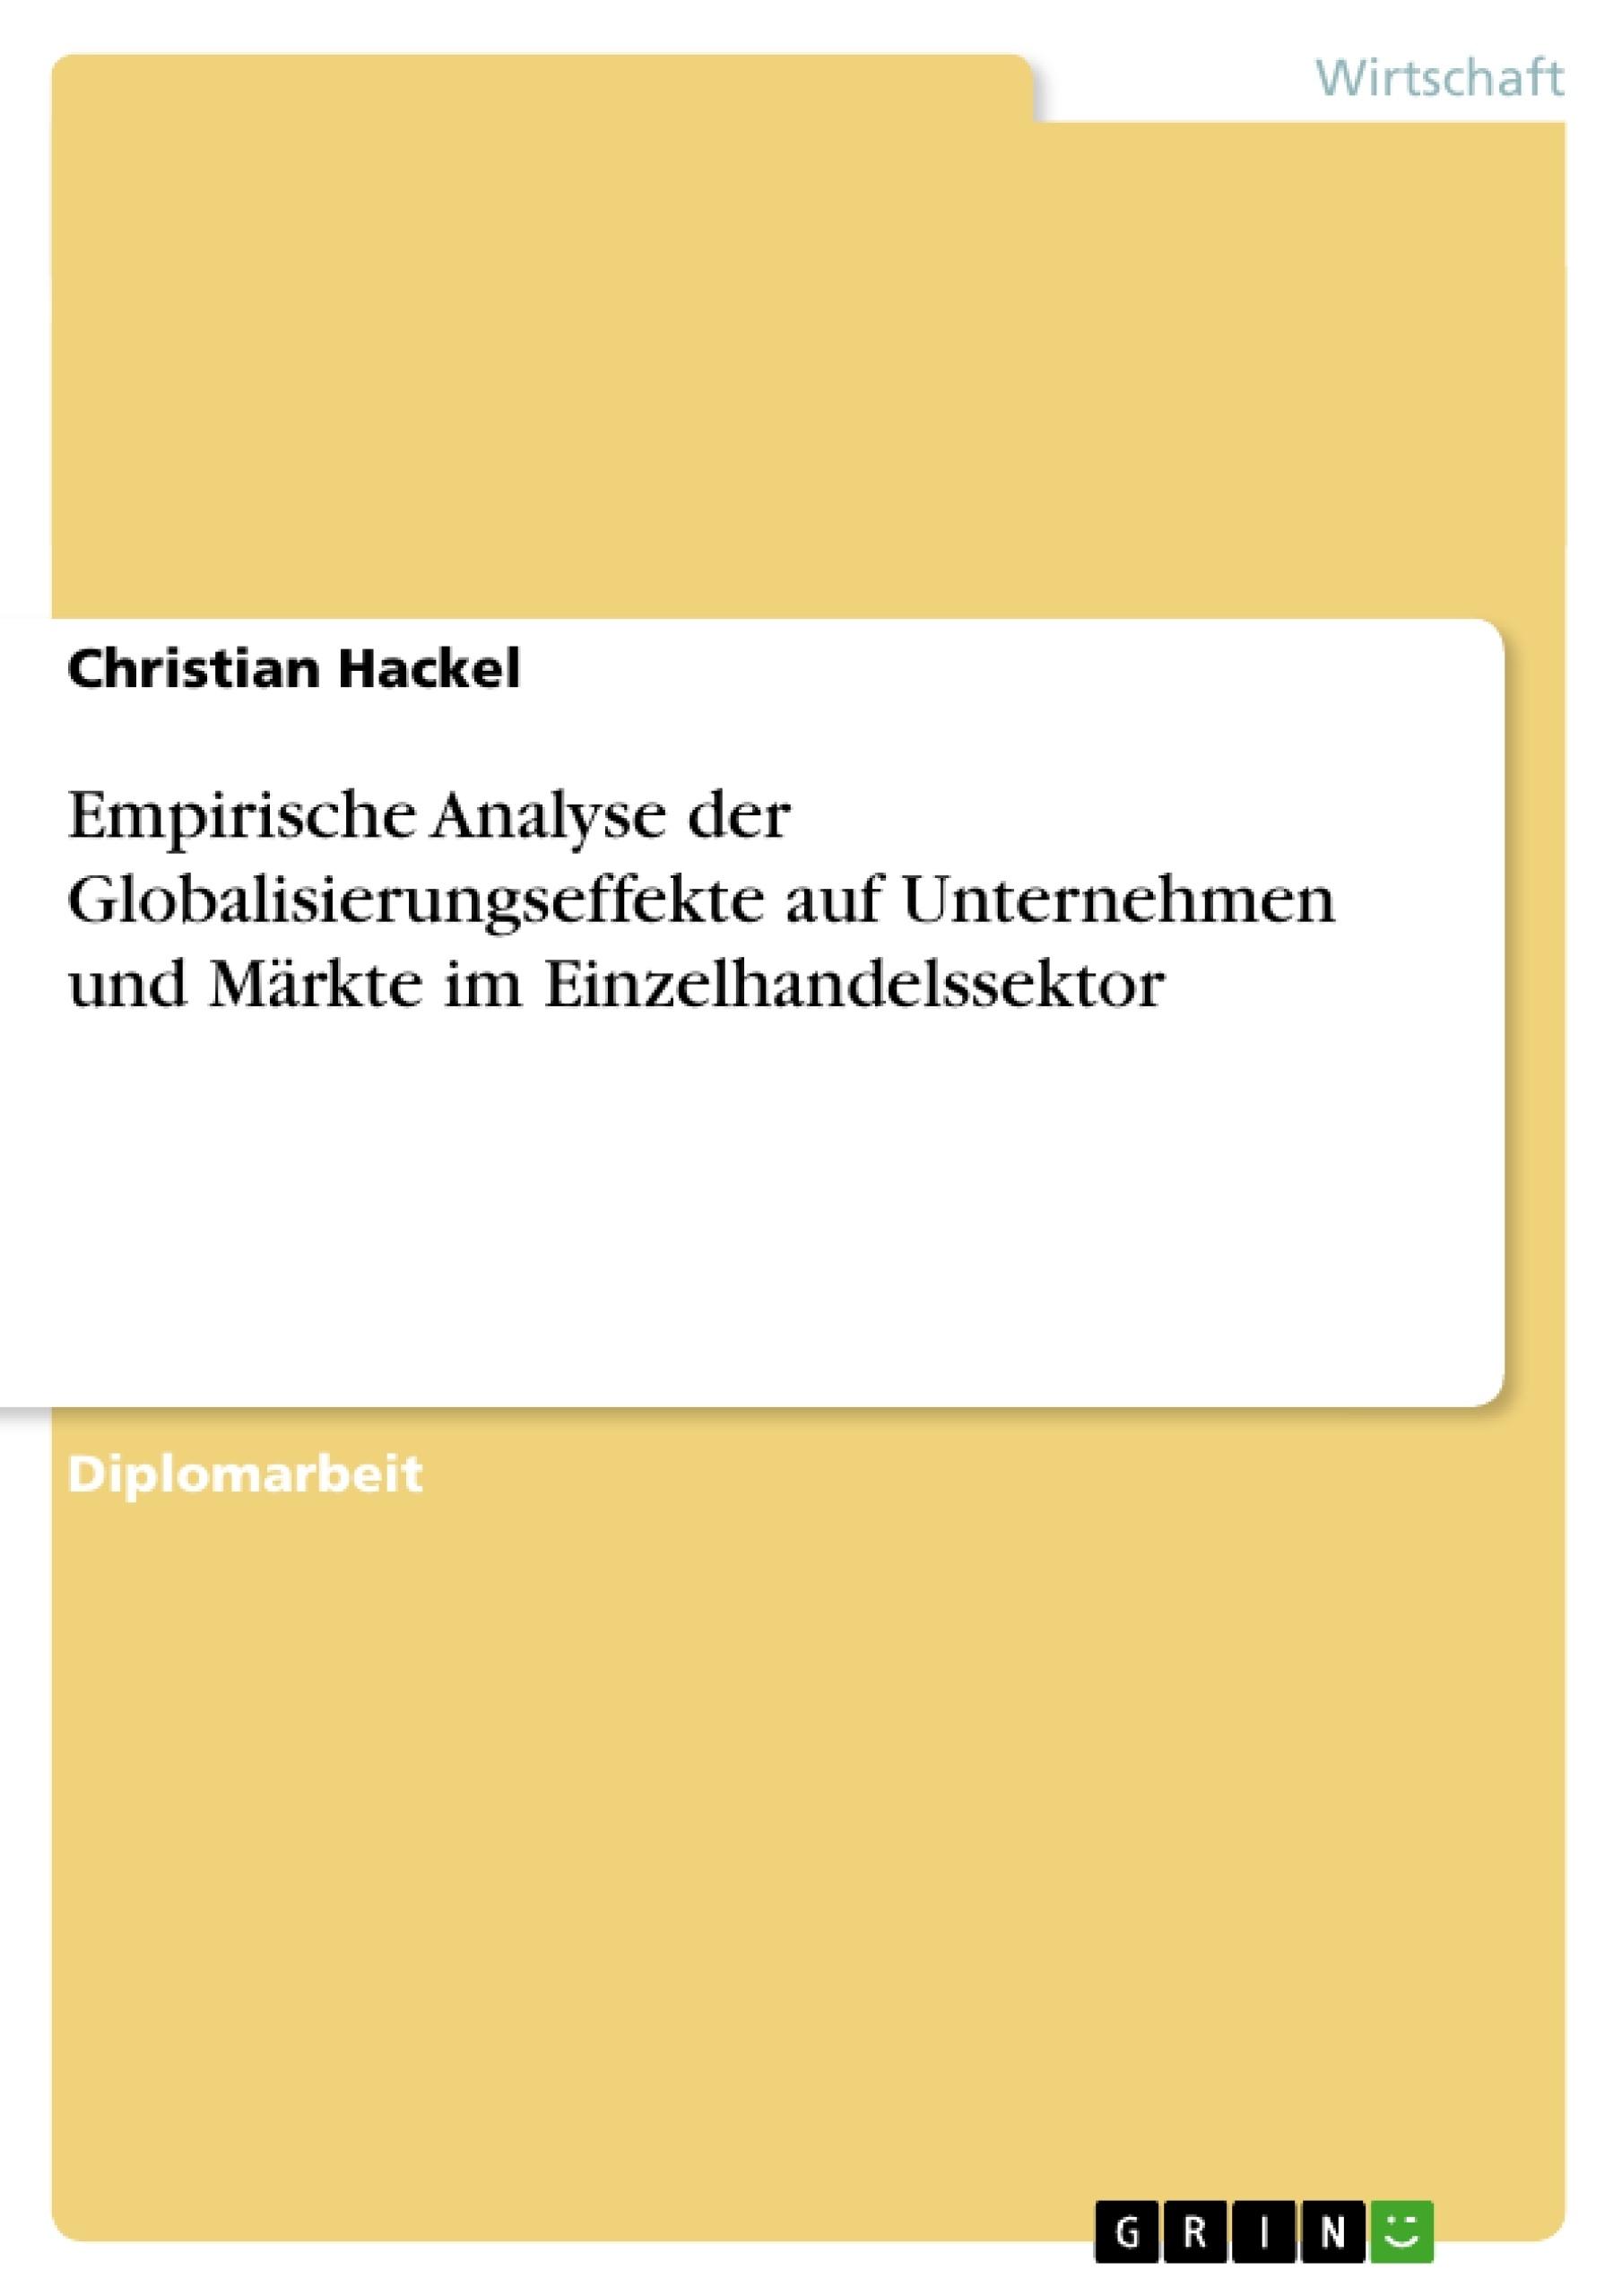 Titel: Empirische Analyse der Globalisierungseffekte auf Unternehmen und Märkte im Einzelhandelssektor